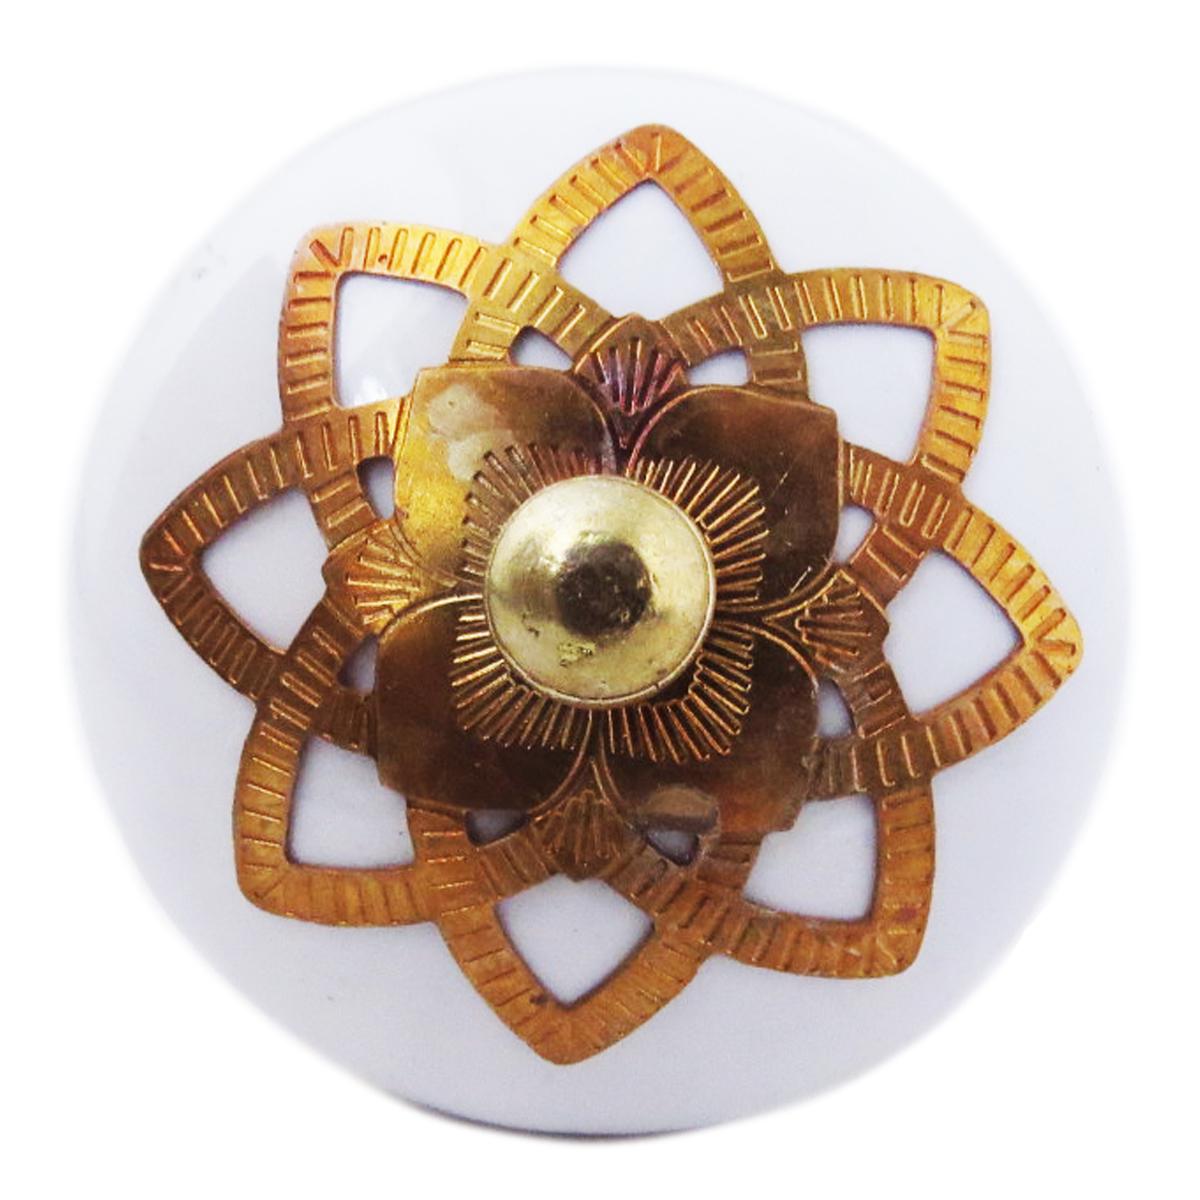 Bouton meuble céramique \'Boho\' blanc doré - 60x40 mm - [A3114]